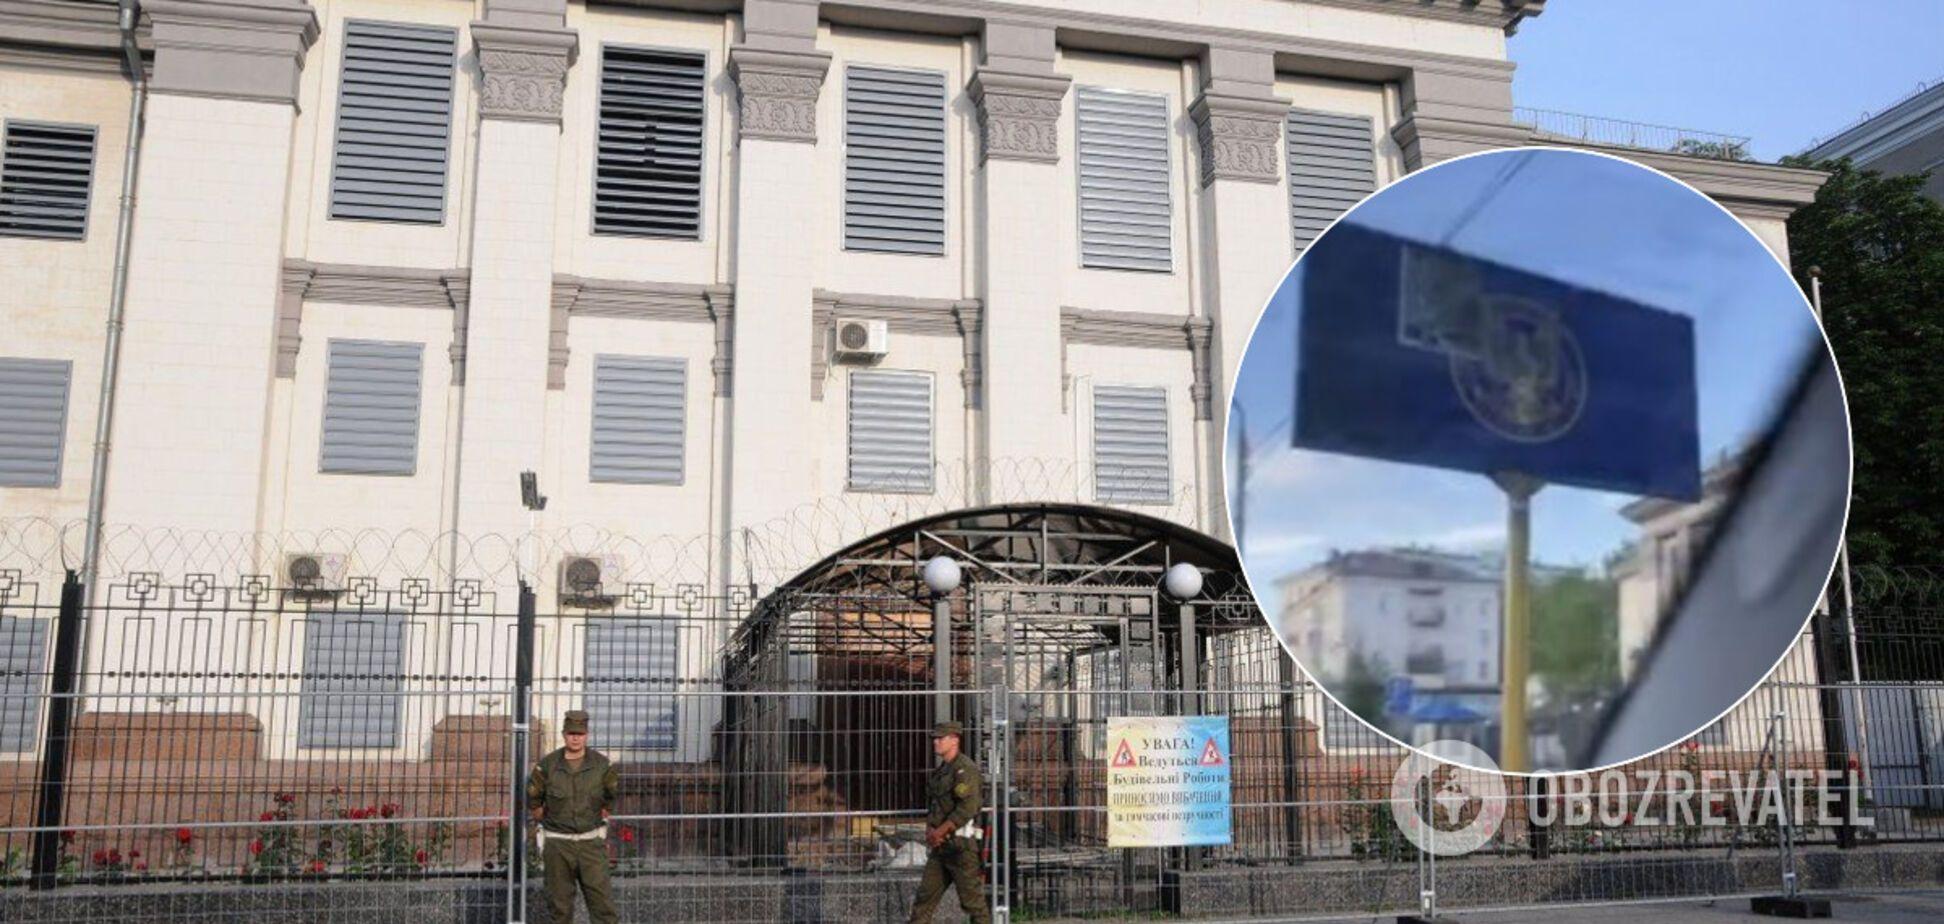 Герб контрразведки СБУ разместили перед консульствами РФ во Львове, Киеве и Одессе